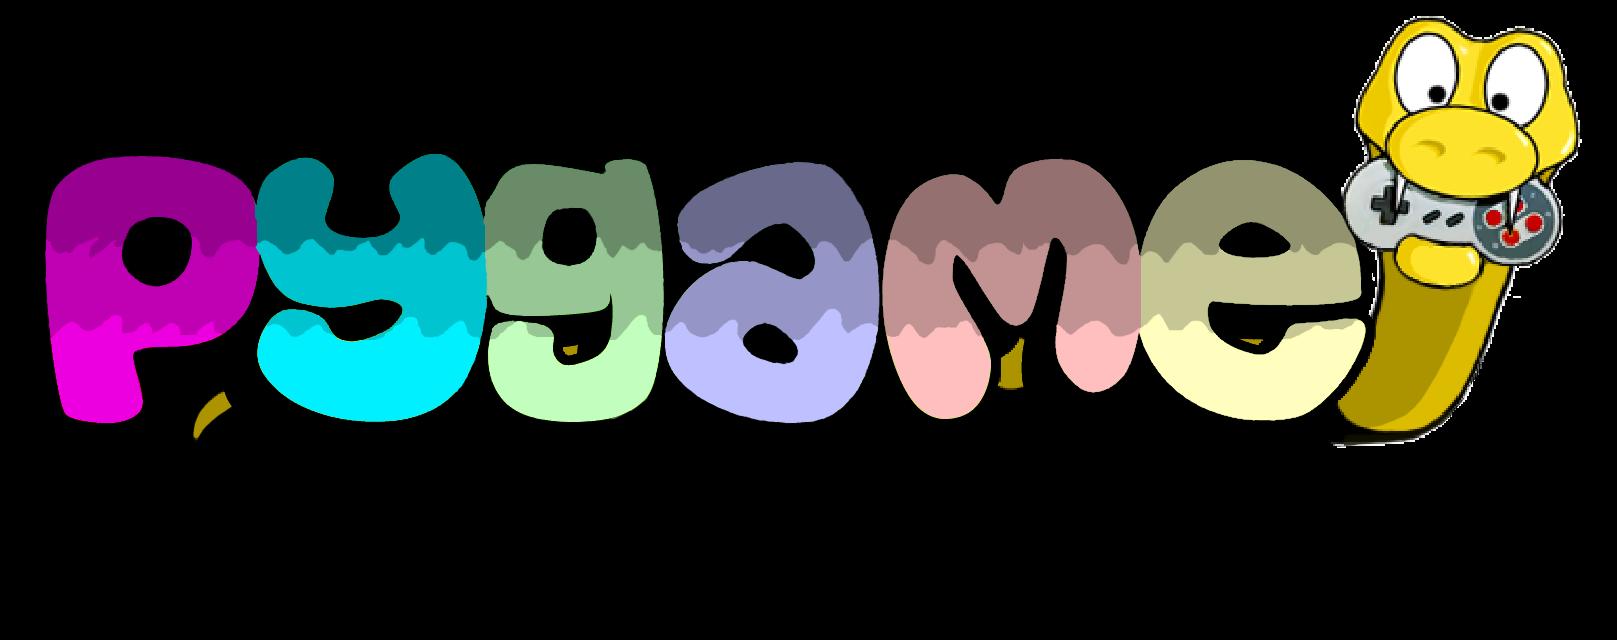 使用 Python 和 PyGame 遊戲製作入門教學